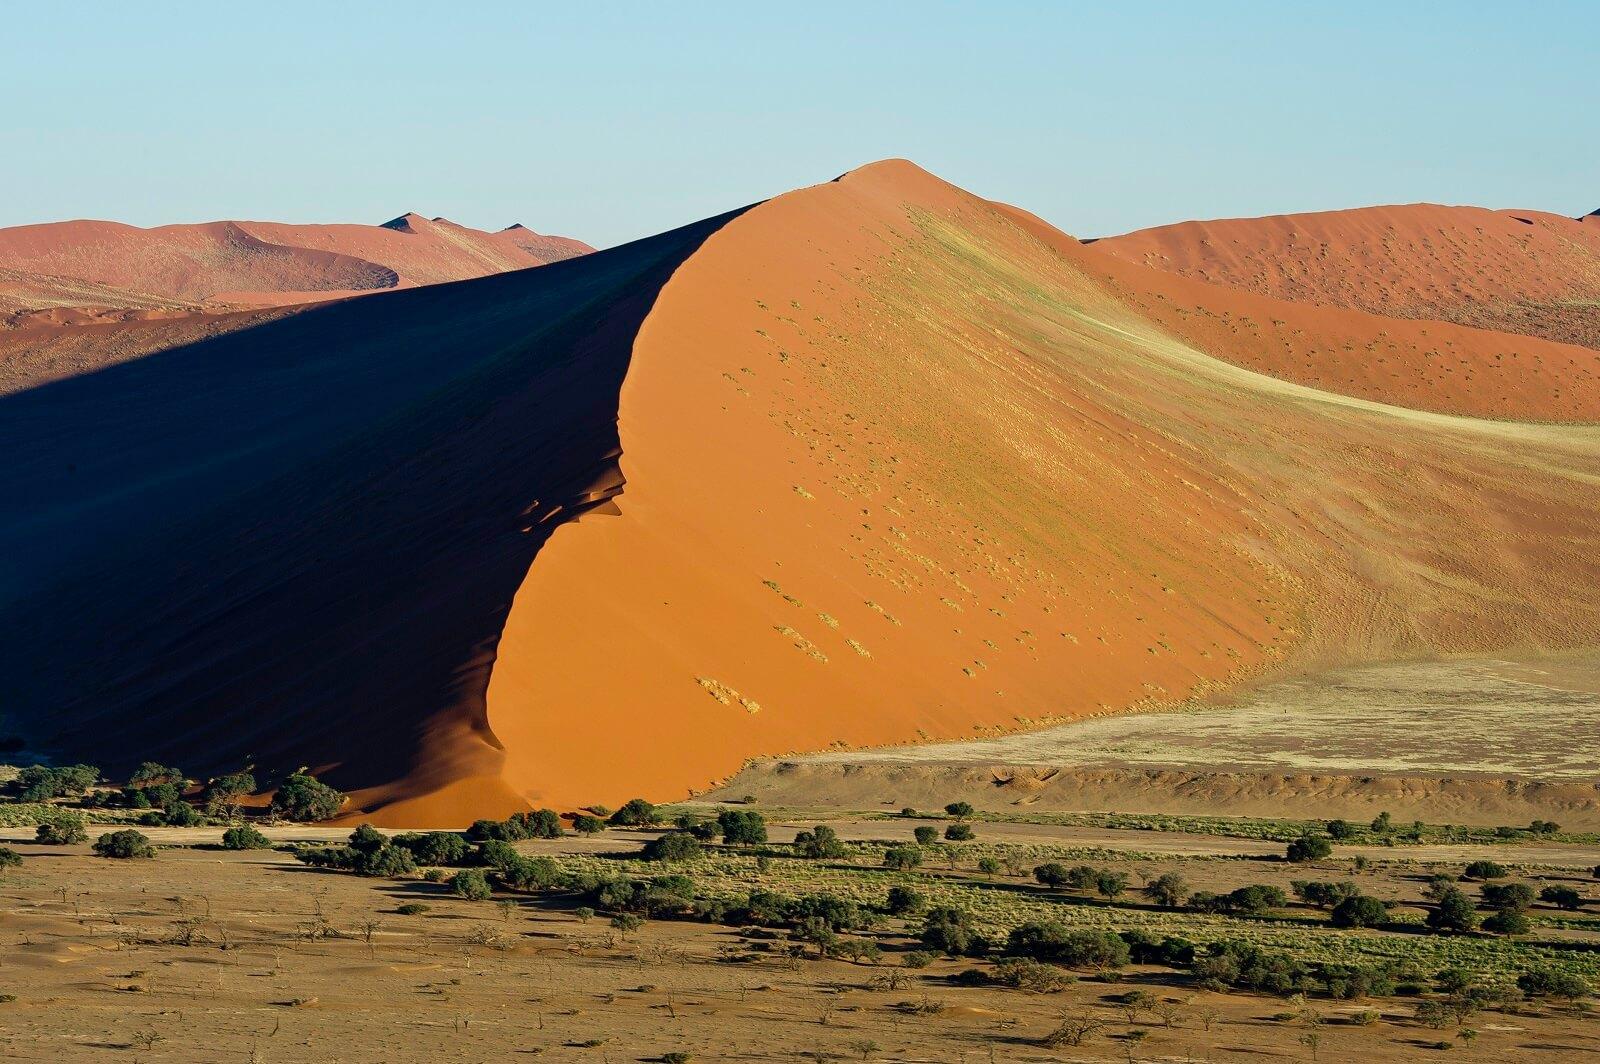 Wüste, Wüste und mehr Wüste